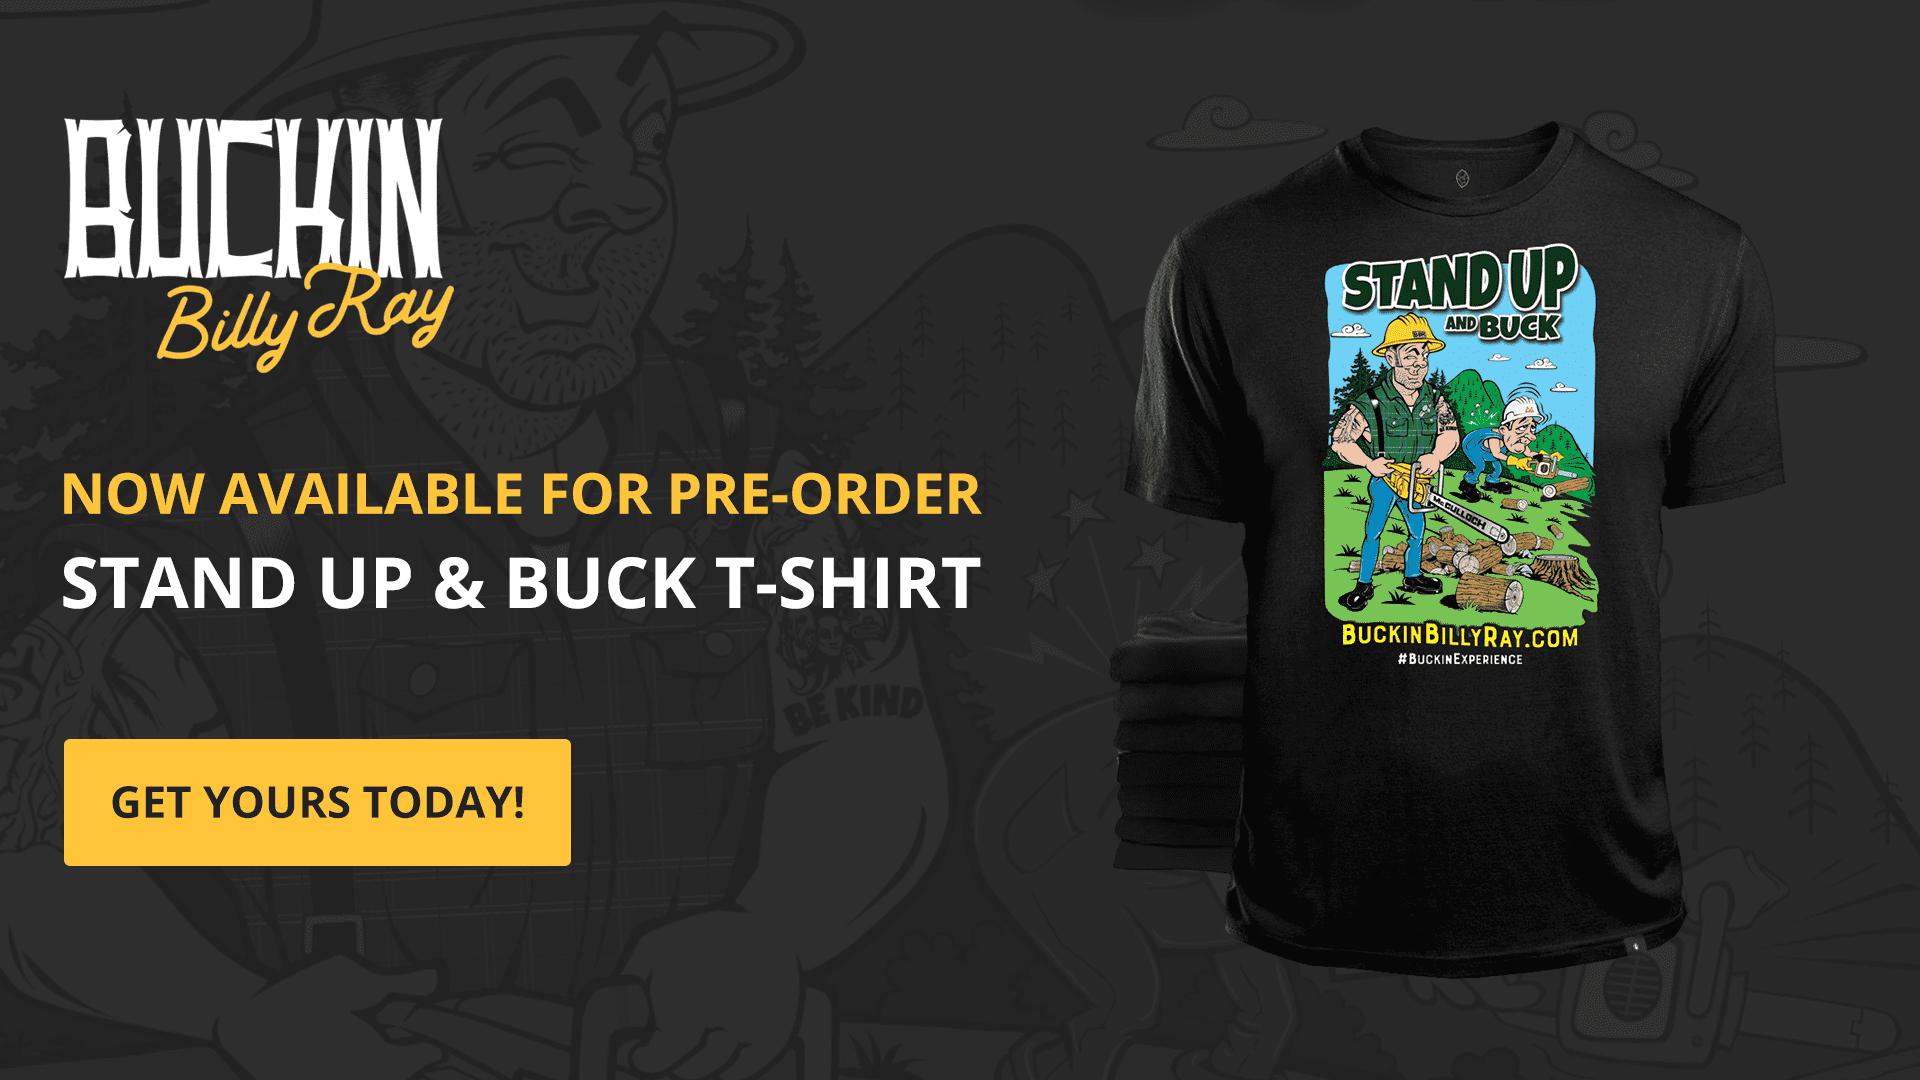 Stand Up & Buck T-Shirt